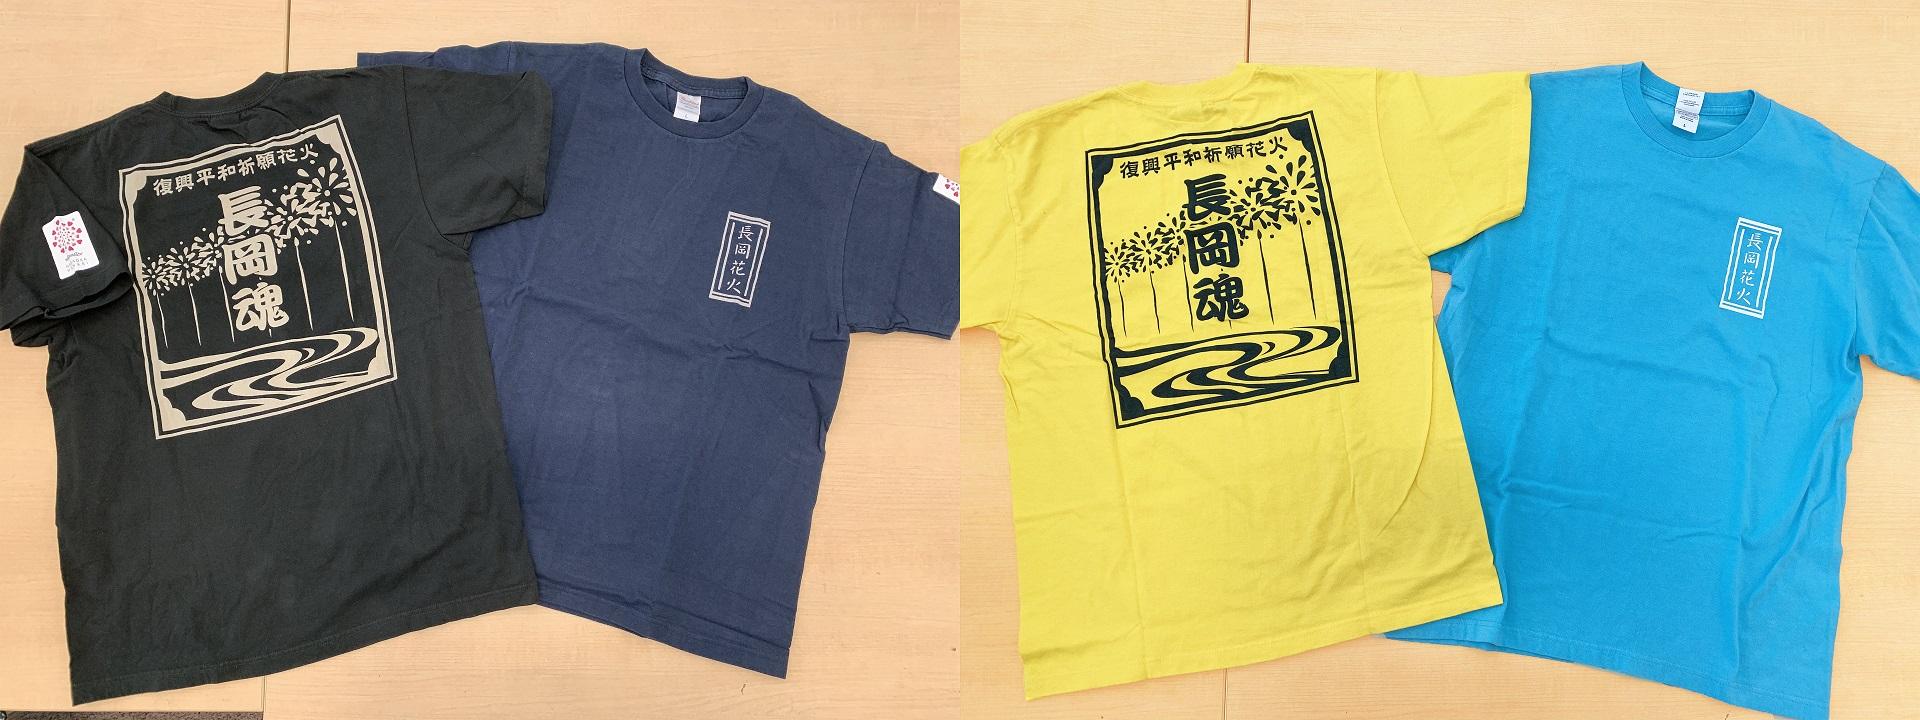 長岡魂Tシャツ